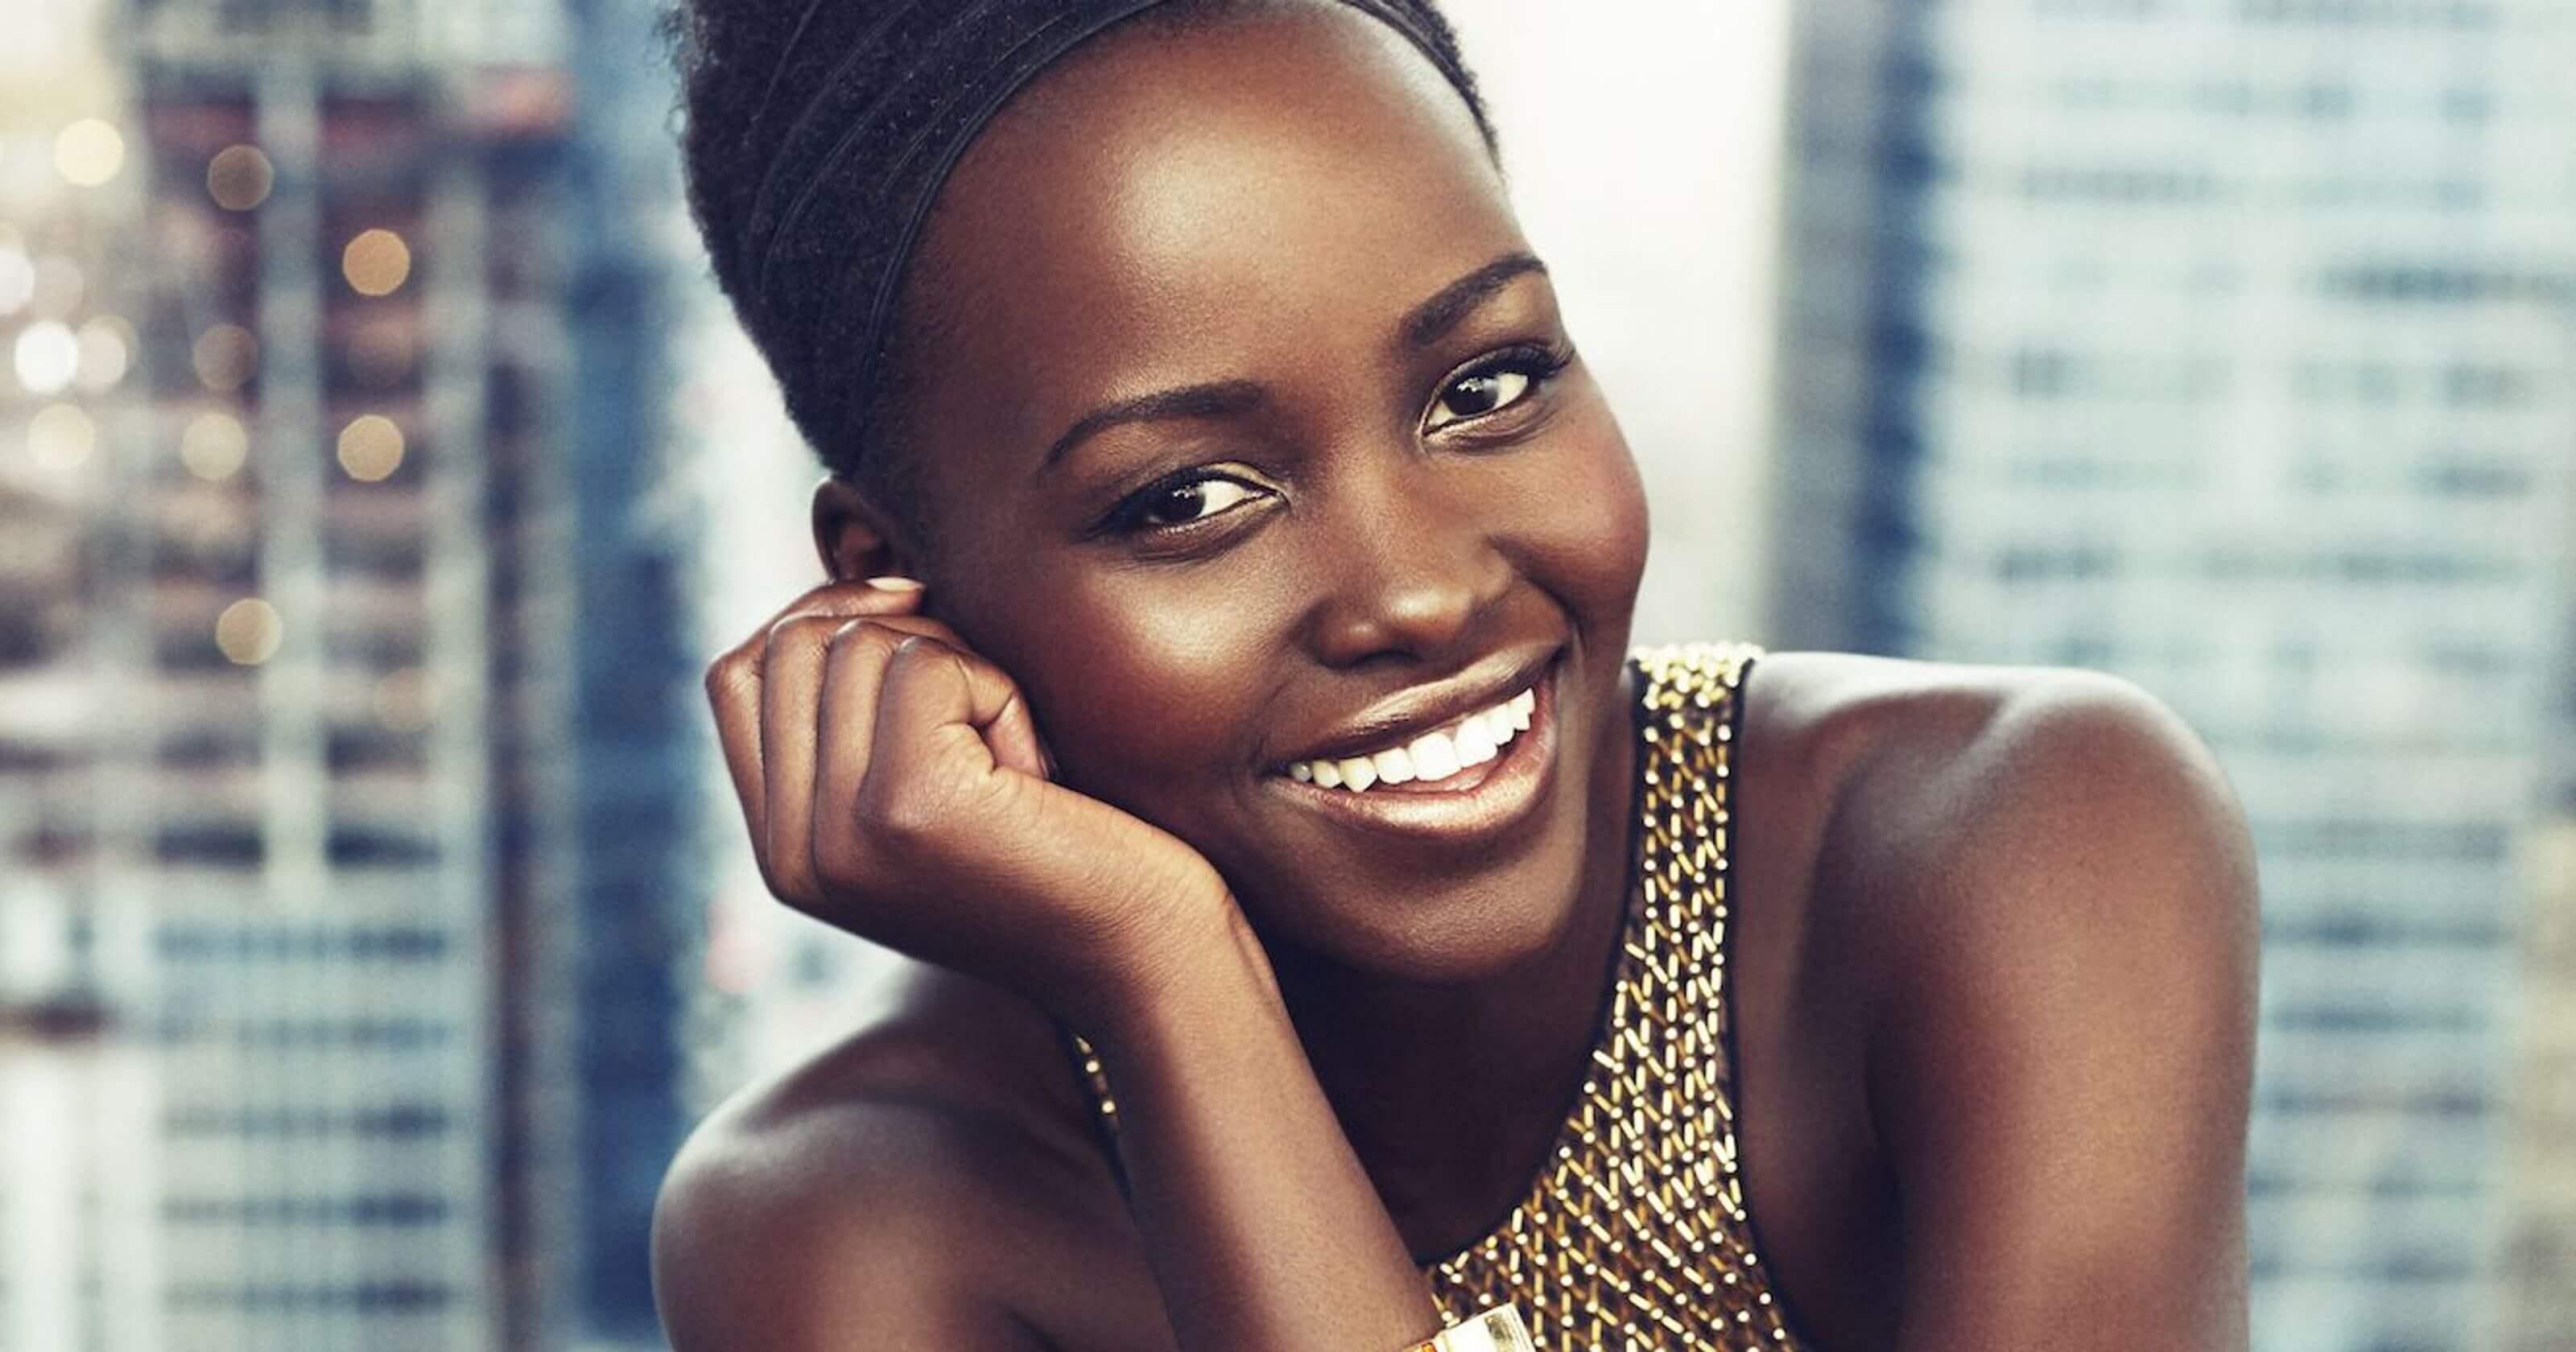 曾演出《黑豹》《我們》等話題作品的電影女星:露琵塔尼詠歐 (Lupita Nyong'o)。